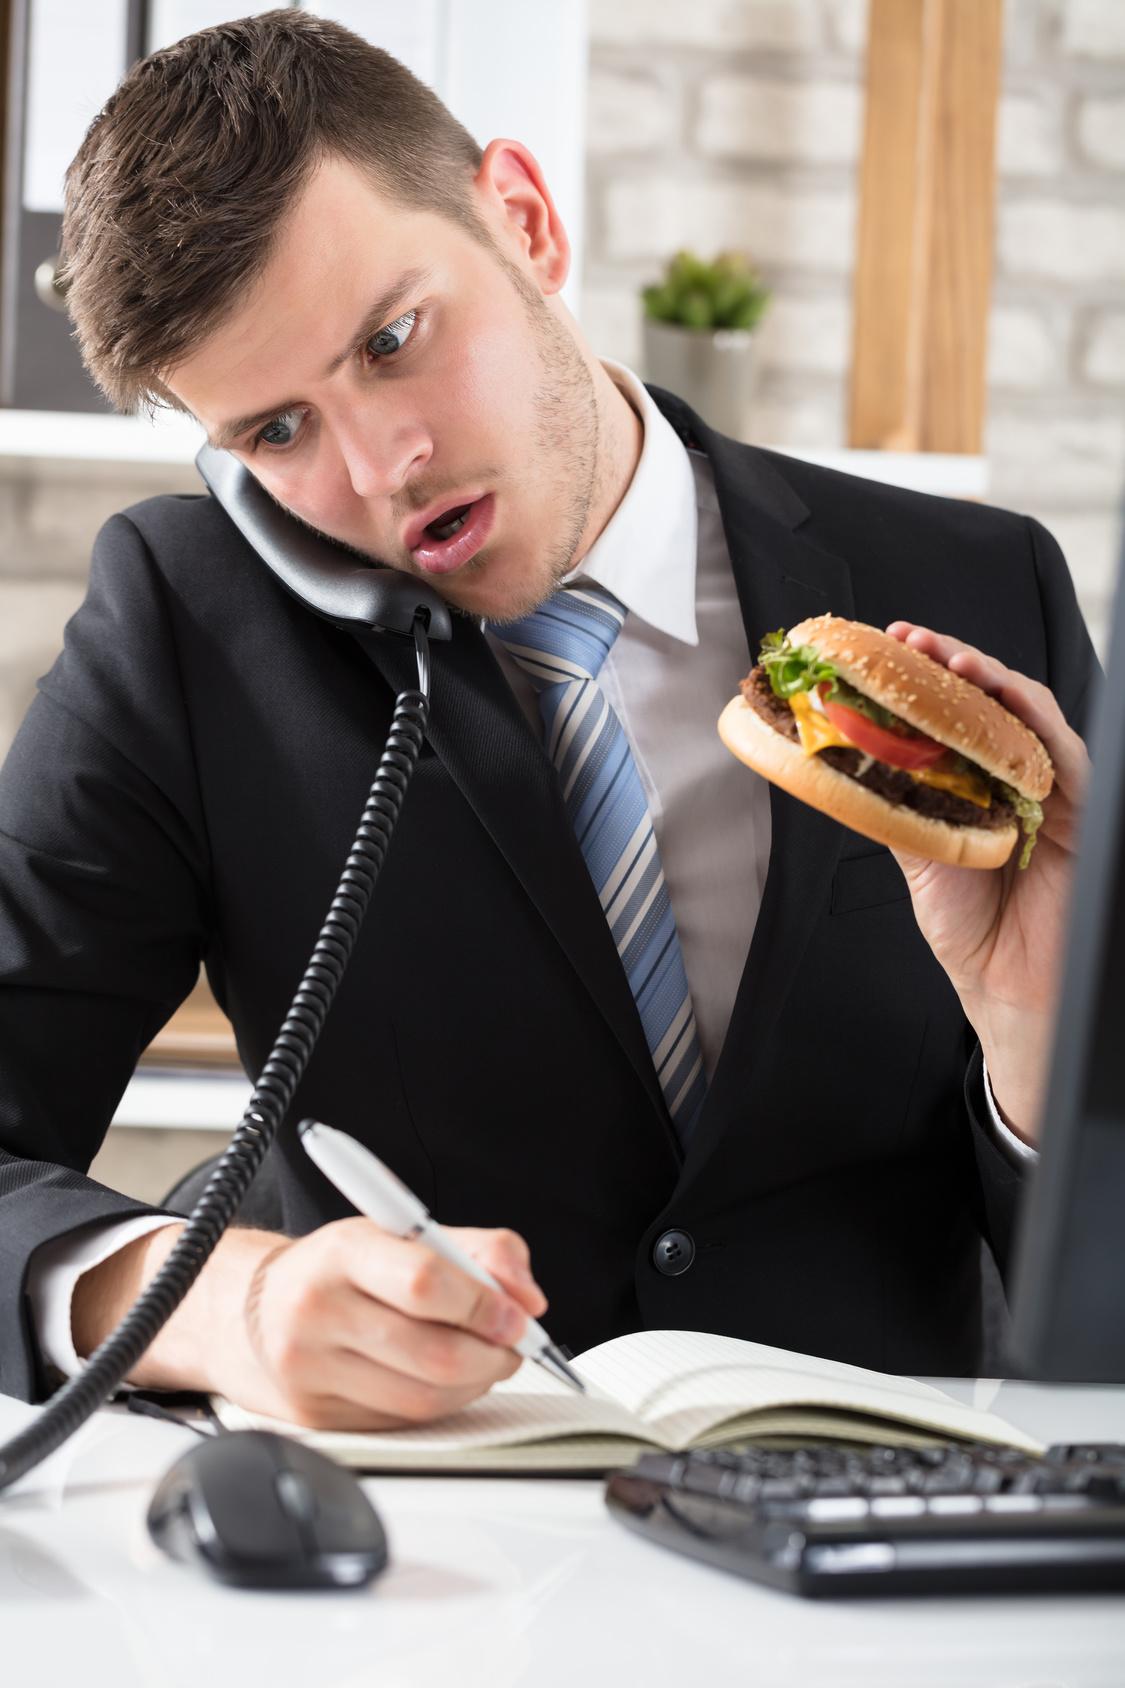 ein Mitarbeiter im Büro telefoniert, macht Notizen und isst zeitgleich einen Burger.